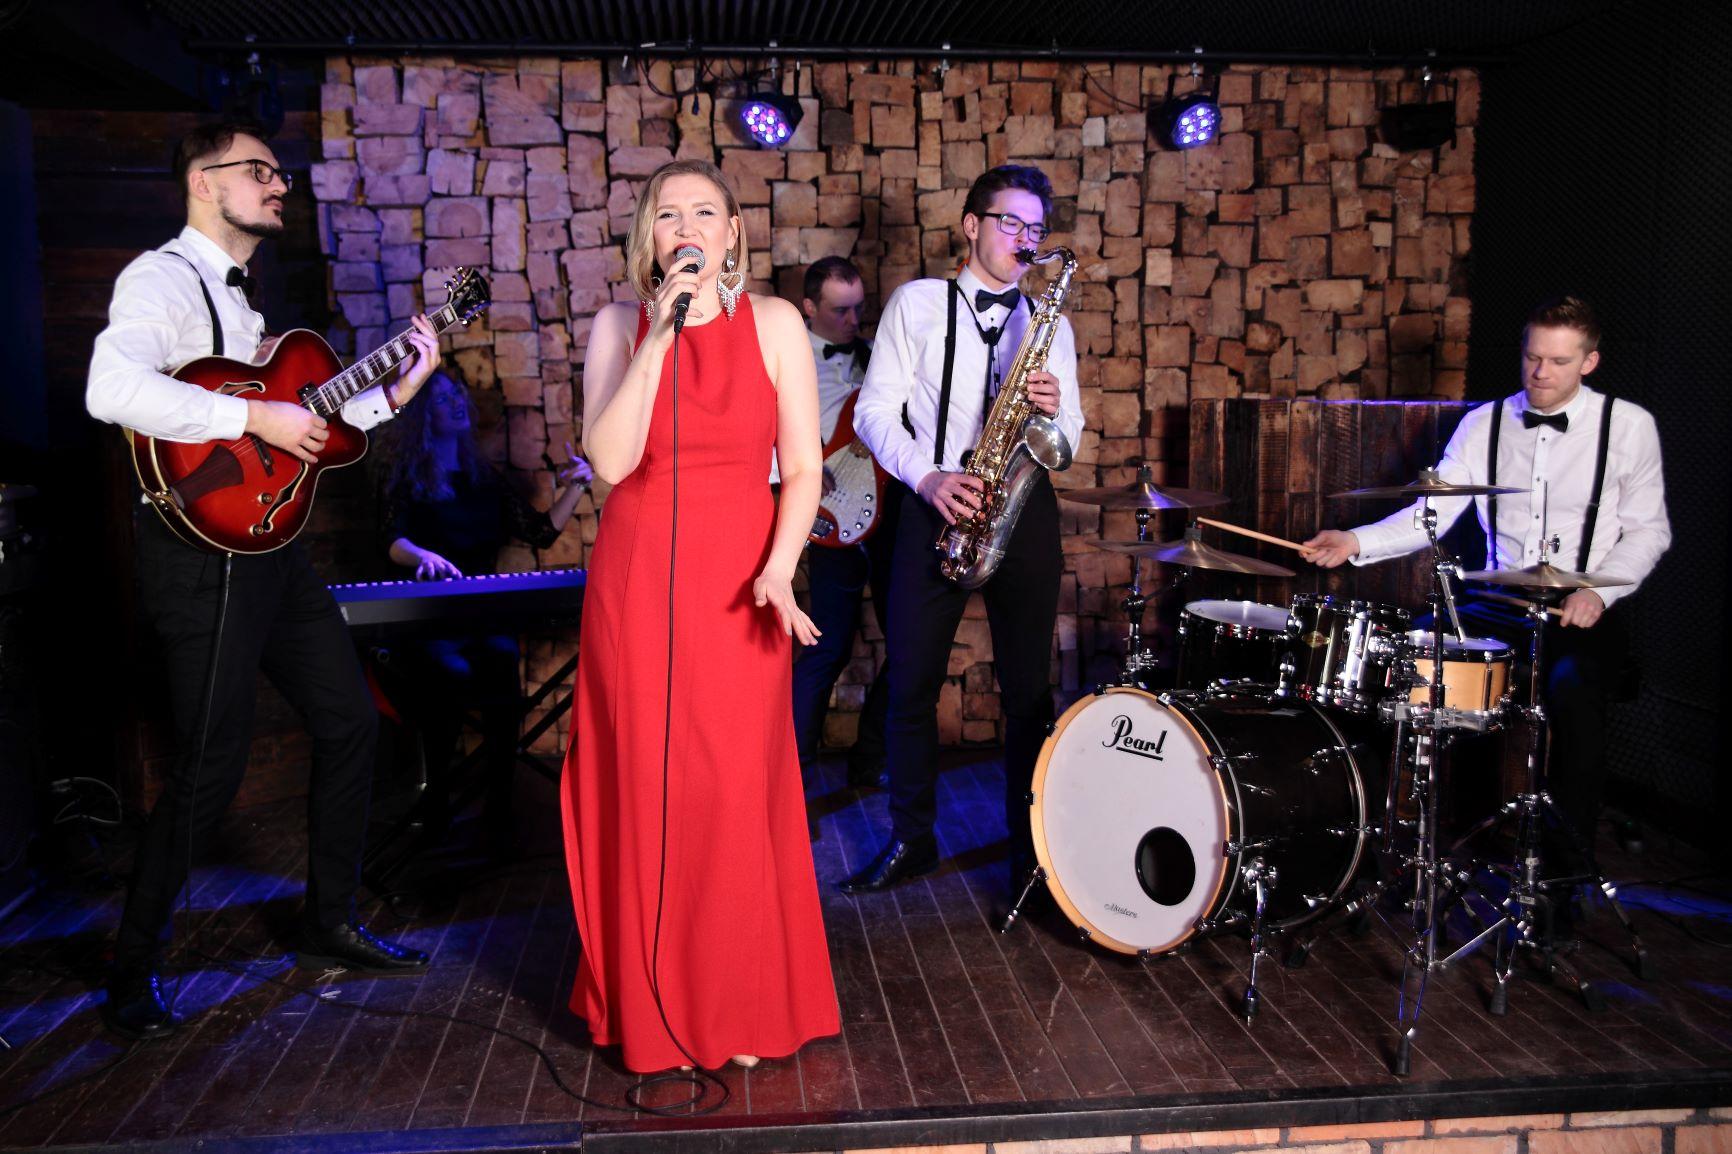 Coolturalni_Live_Band_Scena_koncert